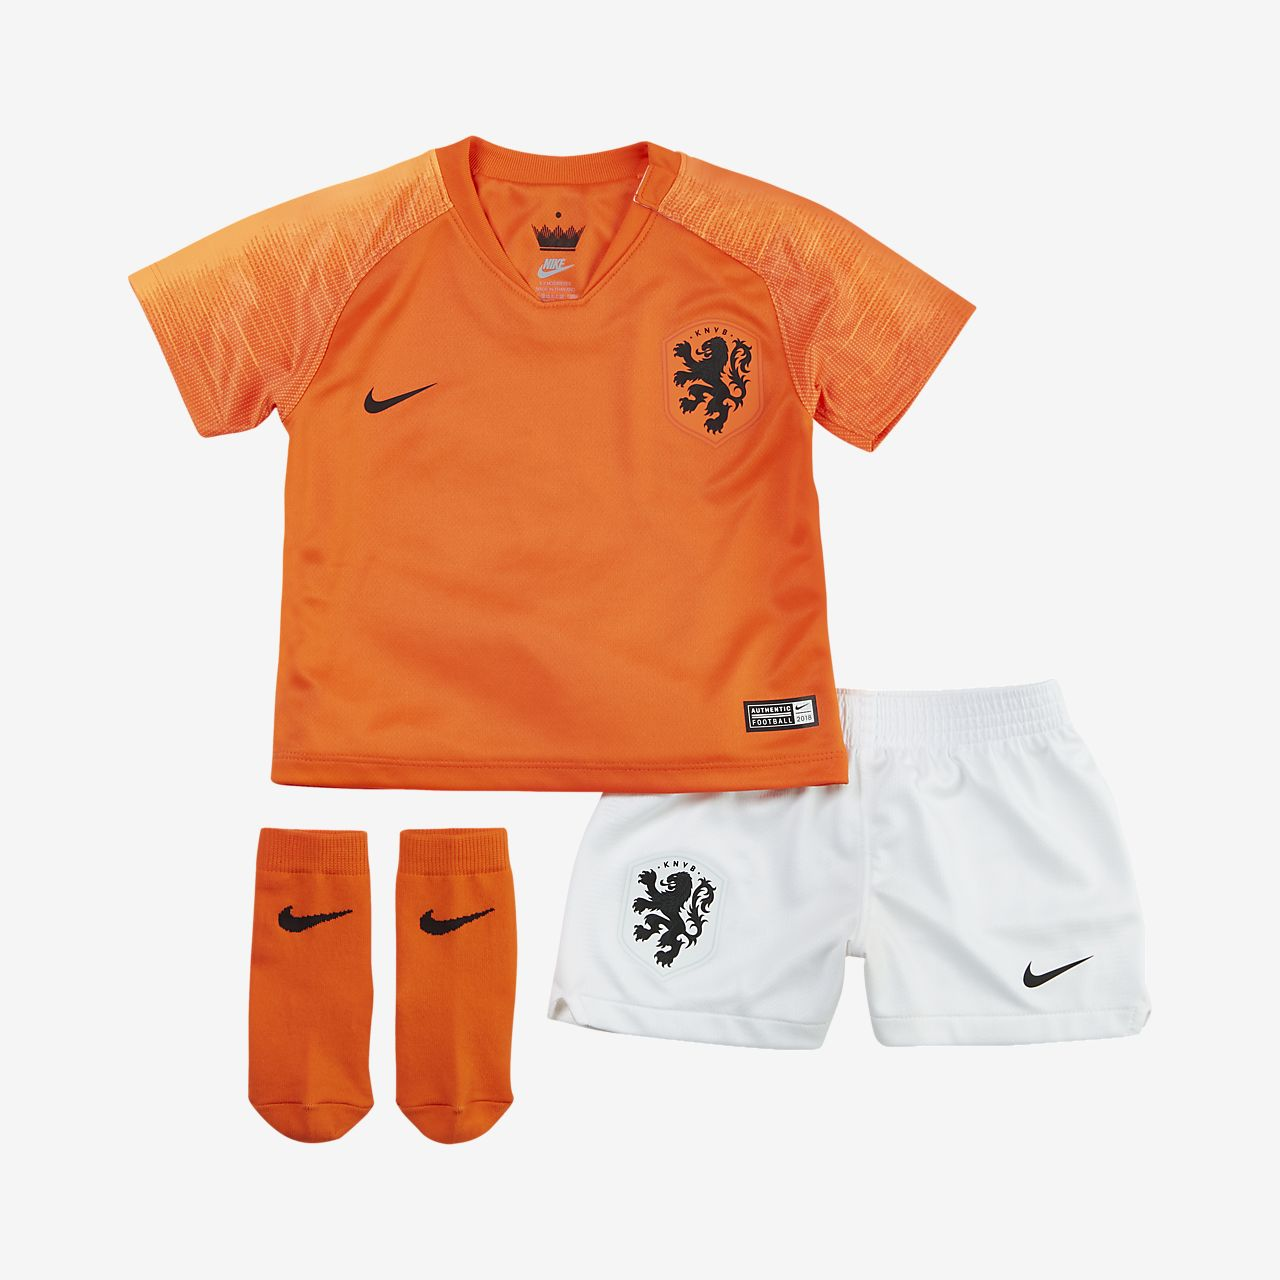 2018 Niederlande Stadium Home Fußballtrikot-Set für Kleinkinder